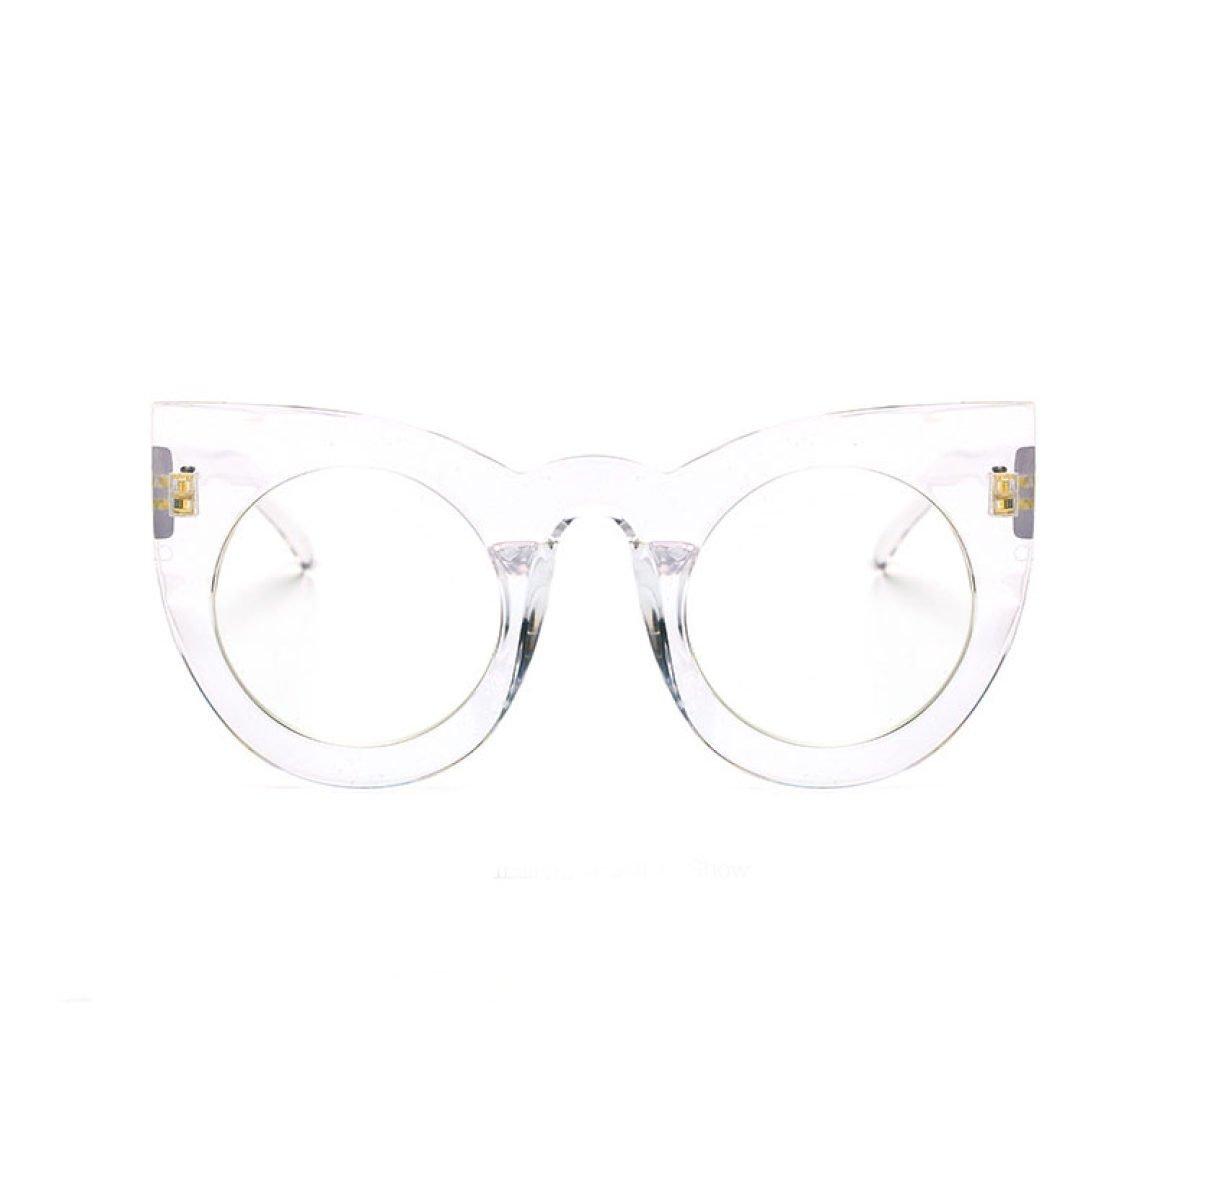 Frau HAOYUXIANG Mode Persönlichkeit Großen Kasten-Sonnenbrille,C13